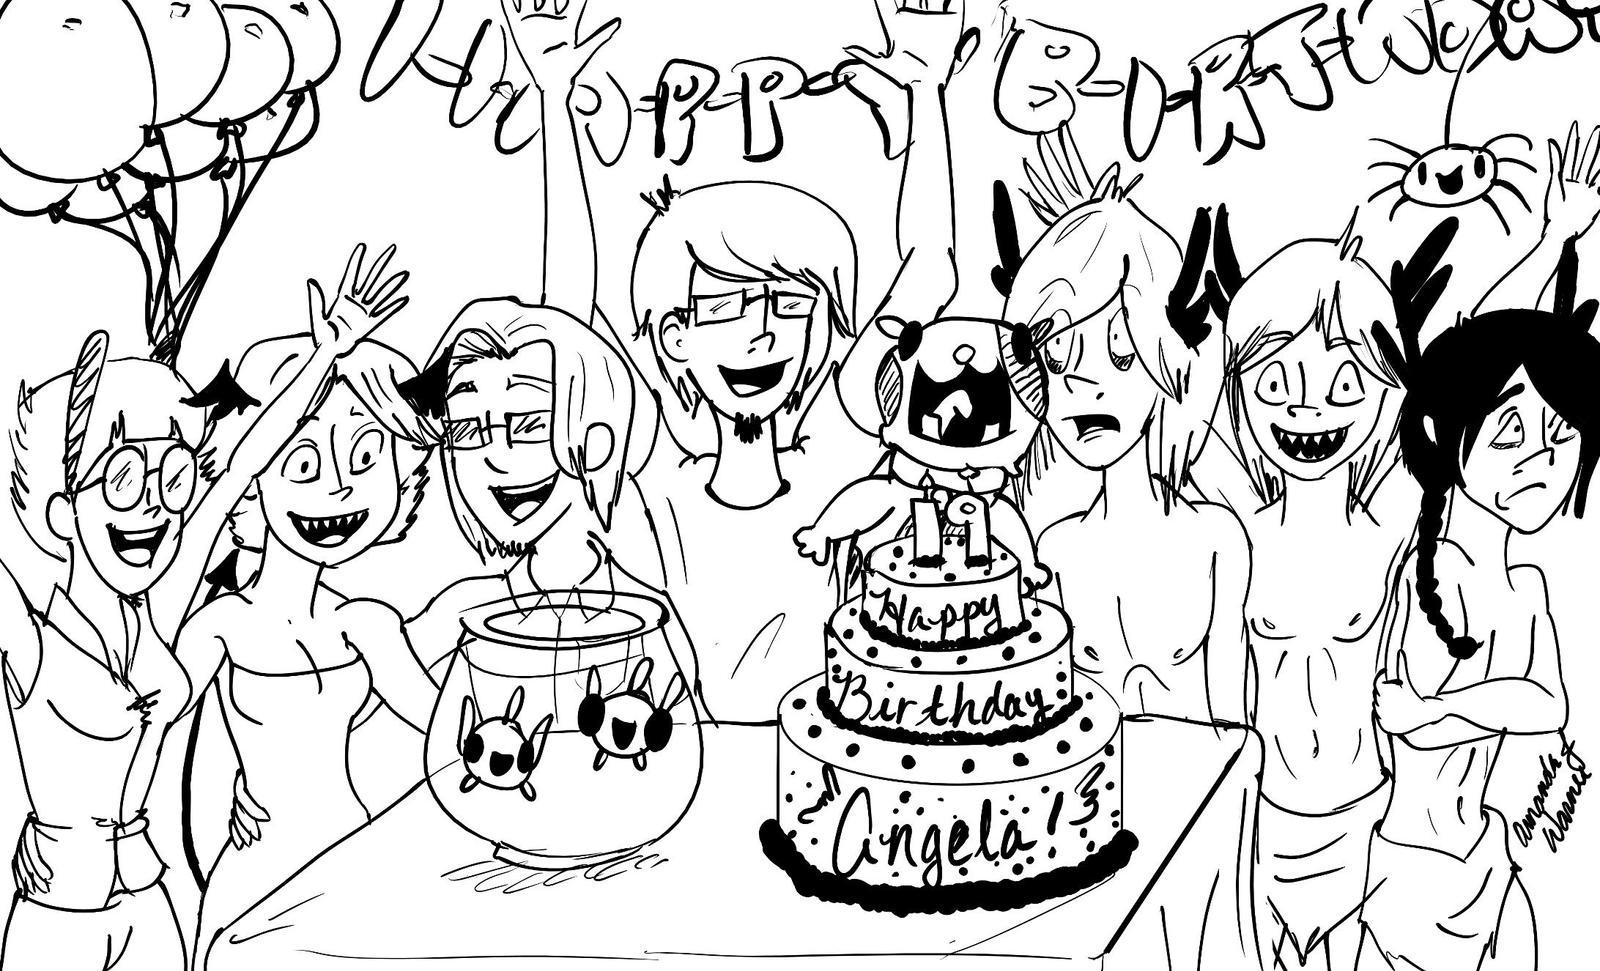 Happy Birthday Angela By Frizby On DeviantArt